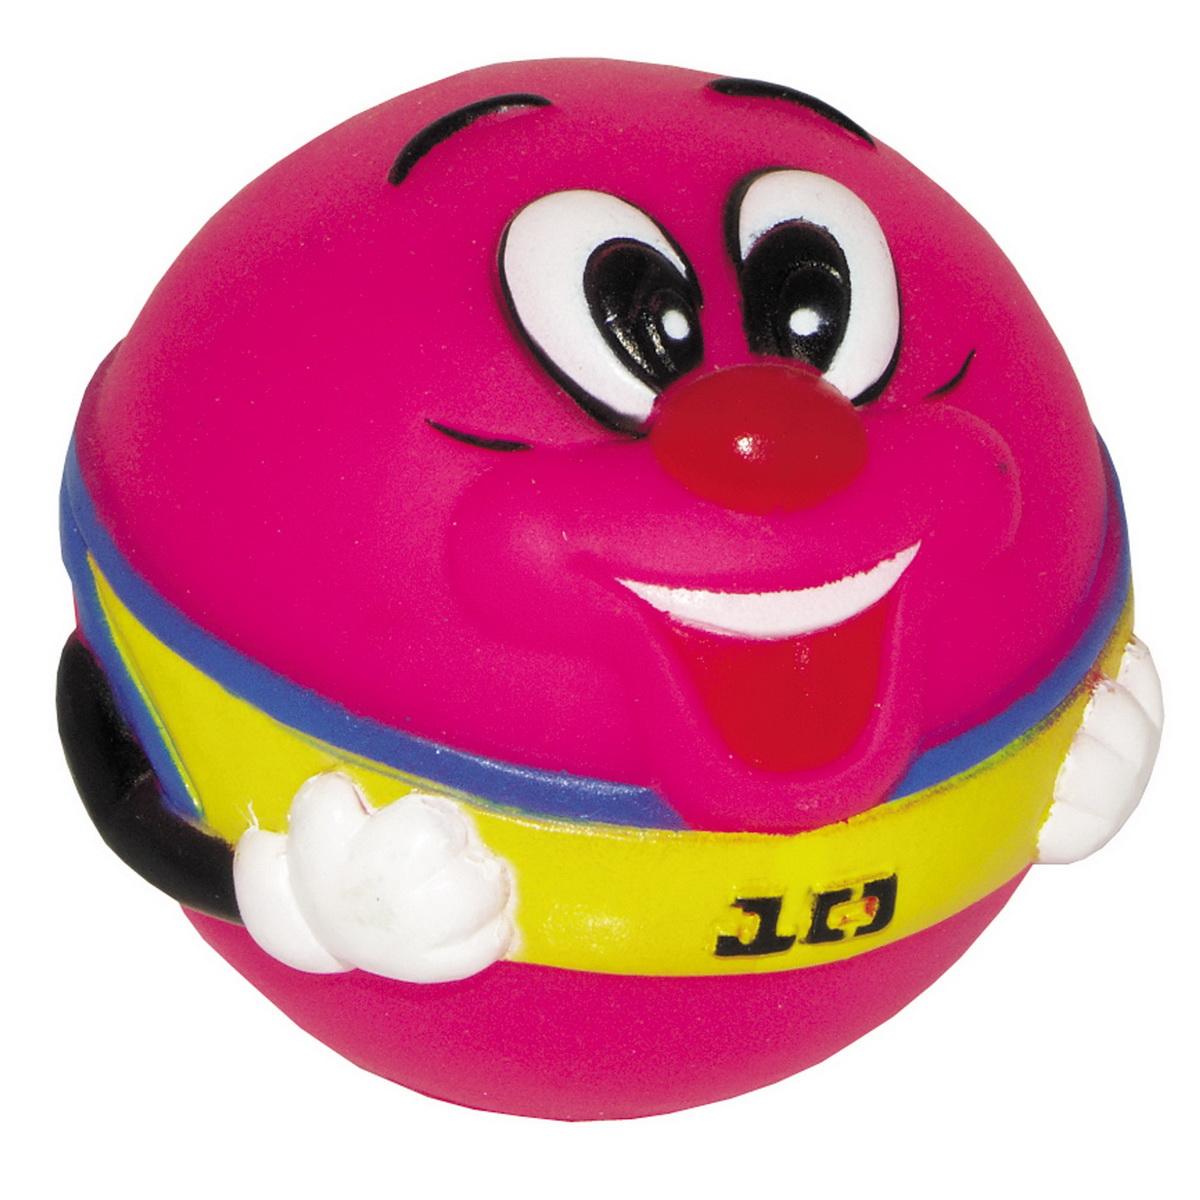 Игрушка для собак Dezzie Мяч. Собачья радость, цвет: розовый, диаметр 8,5 см. 56040085604008Игрушка для собак Dezzie Мяч. Собачья радость из винила практична, функциональна и совершенно безопасна для здоровья животного. Ее легко мыть и дезинфицировать. Такая игрушка очень легкая, поэтому собаке совсем нетрудно брать ее в пасть и переносить с места на место. Игрушка из винила станет прекрасным подарком для неугомонного четвероногого питомца.Диаметр мяча: 8,5 см.